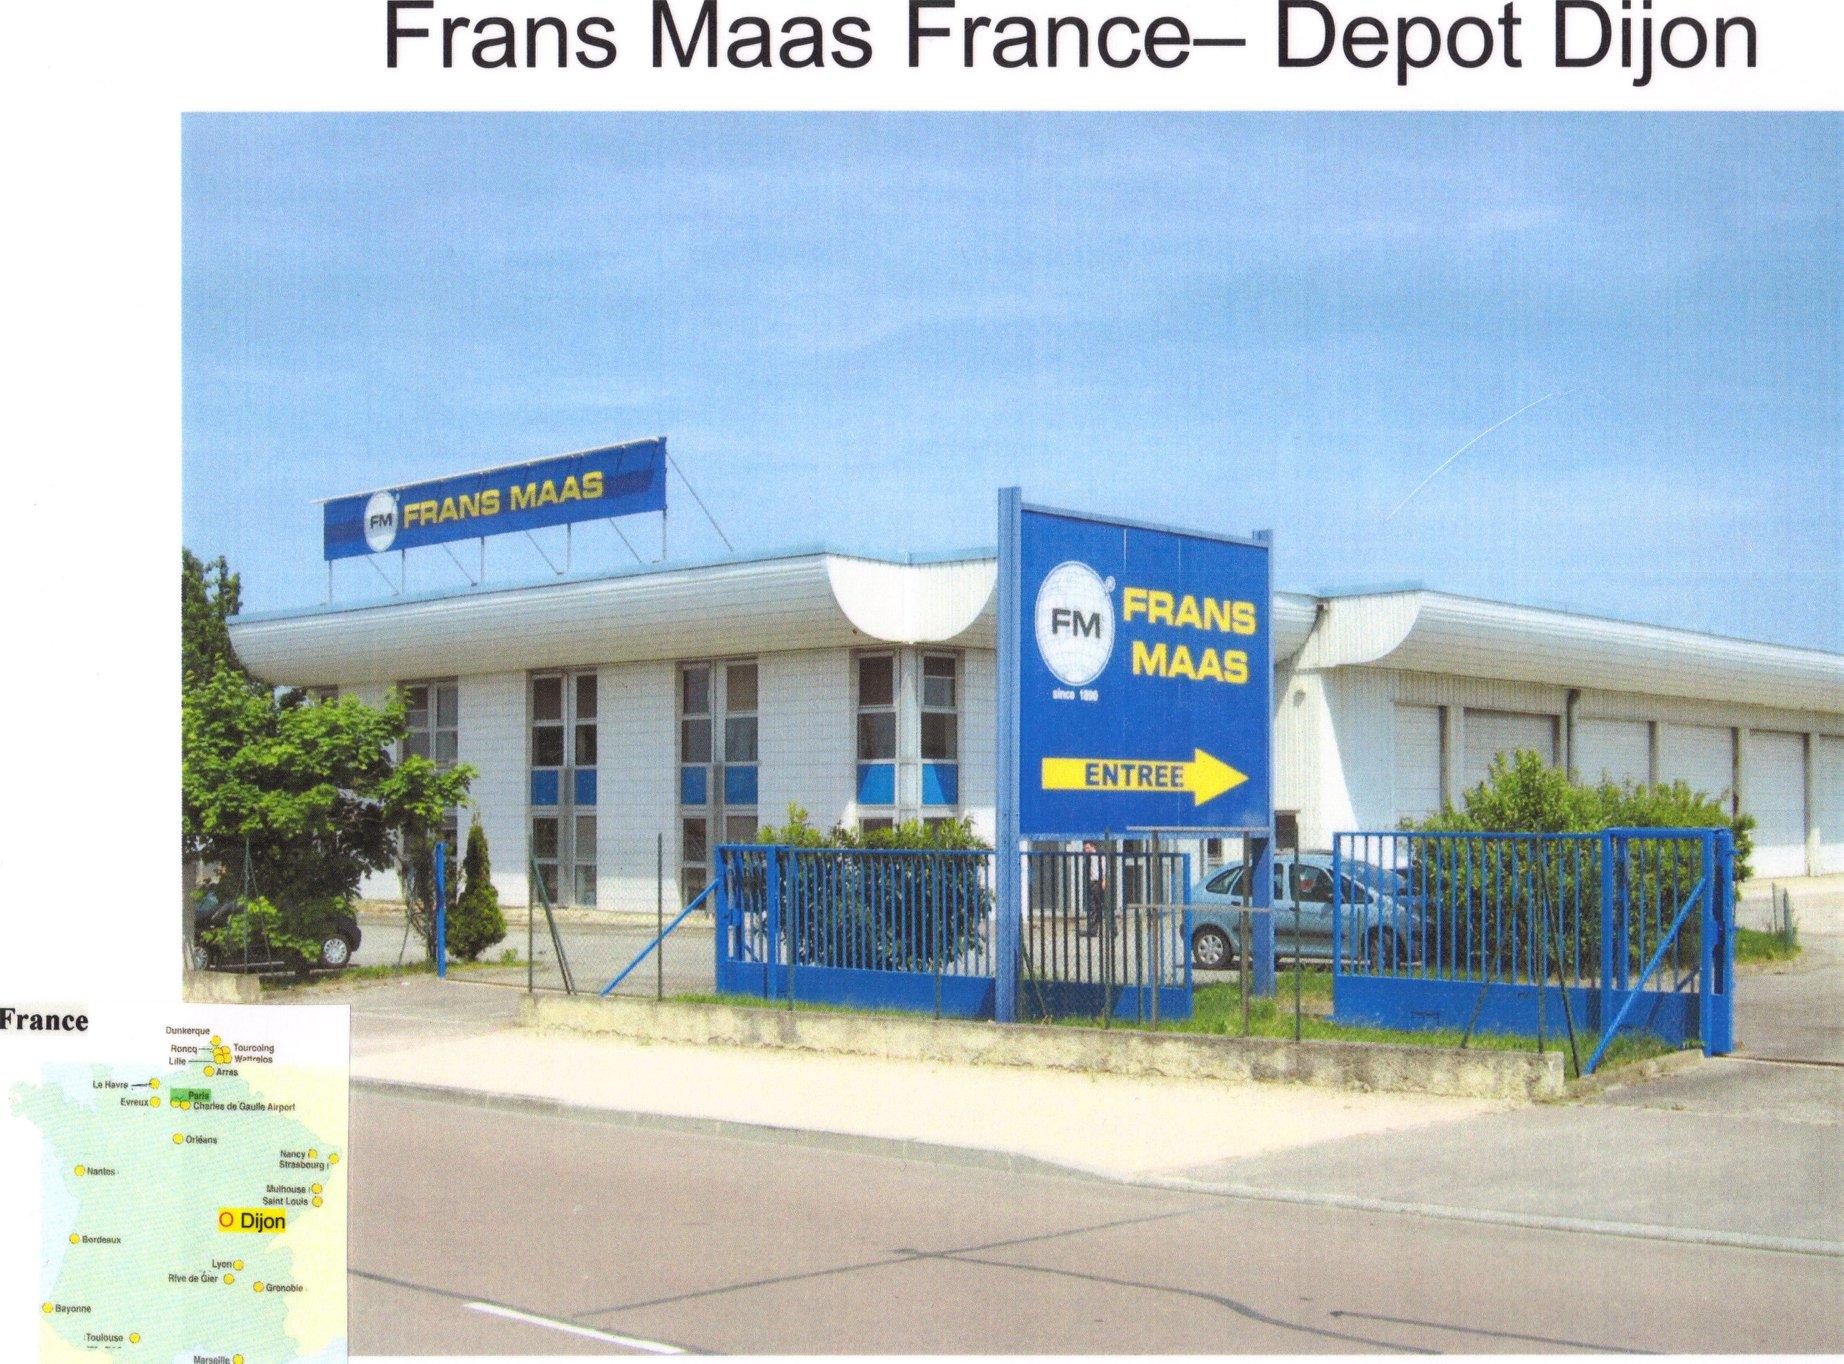 FM--DEPOT-FRANKRIJK